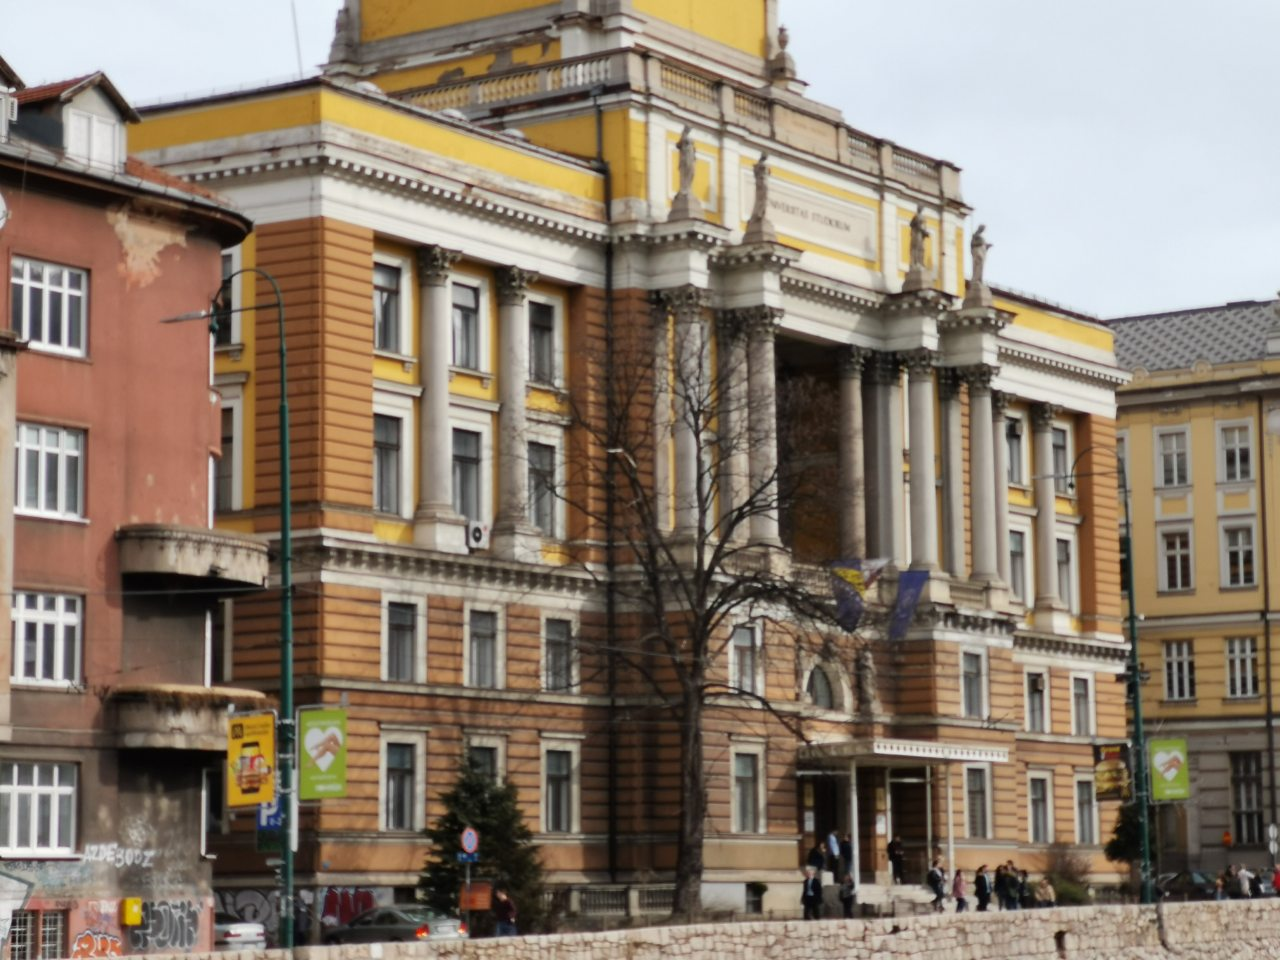 Studenti u Sarajevu traže dodatne ispitne rokove i ukidanje uslovnih predmeta, predlažu produžetak godine